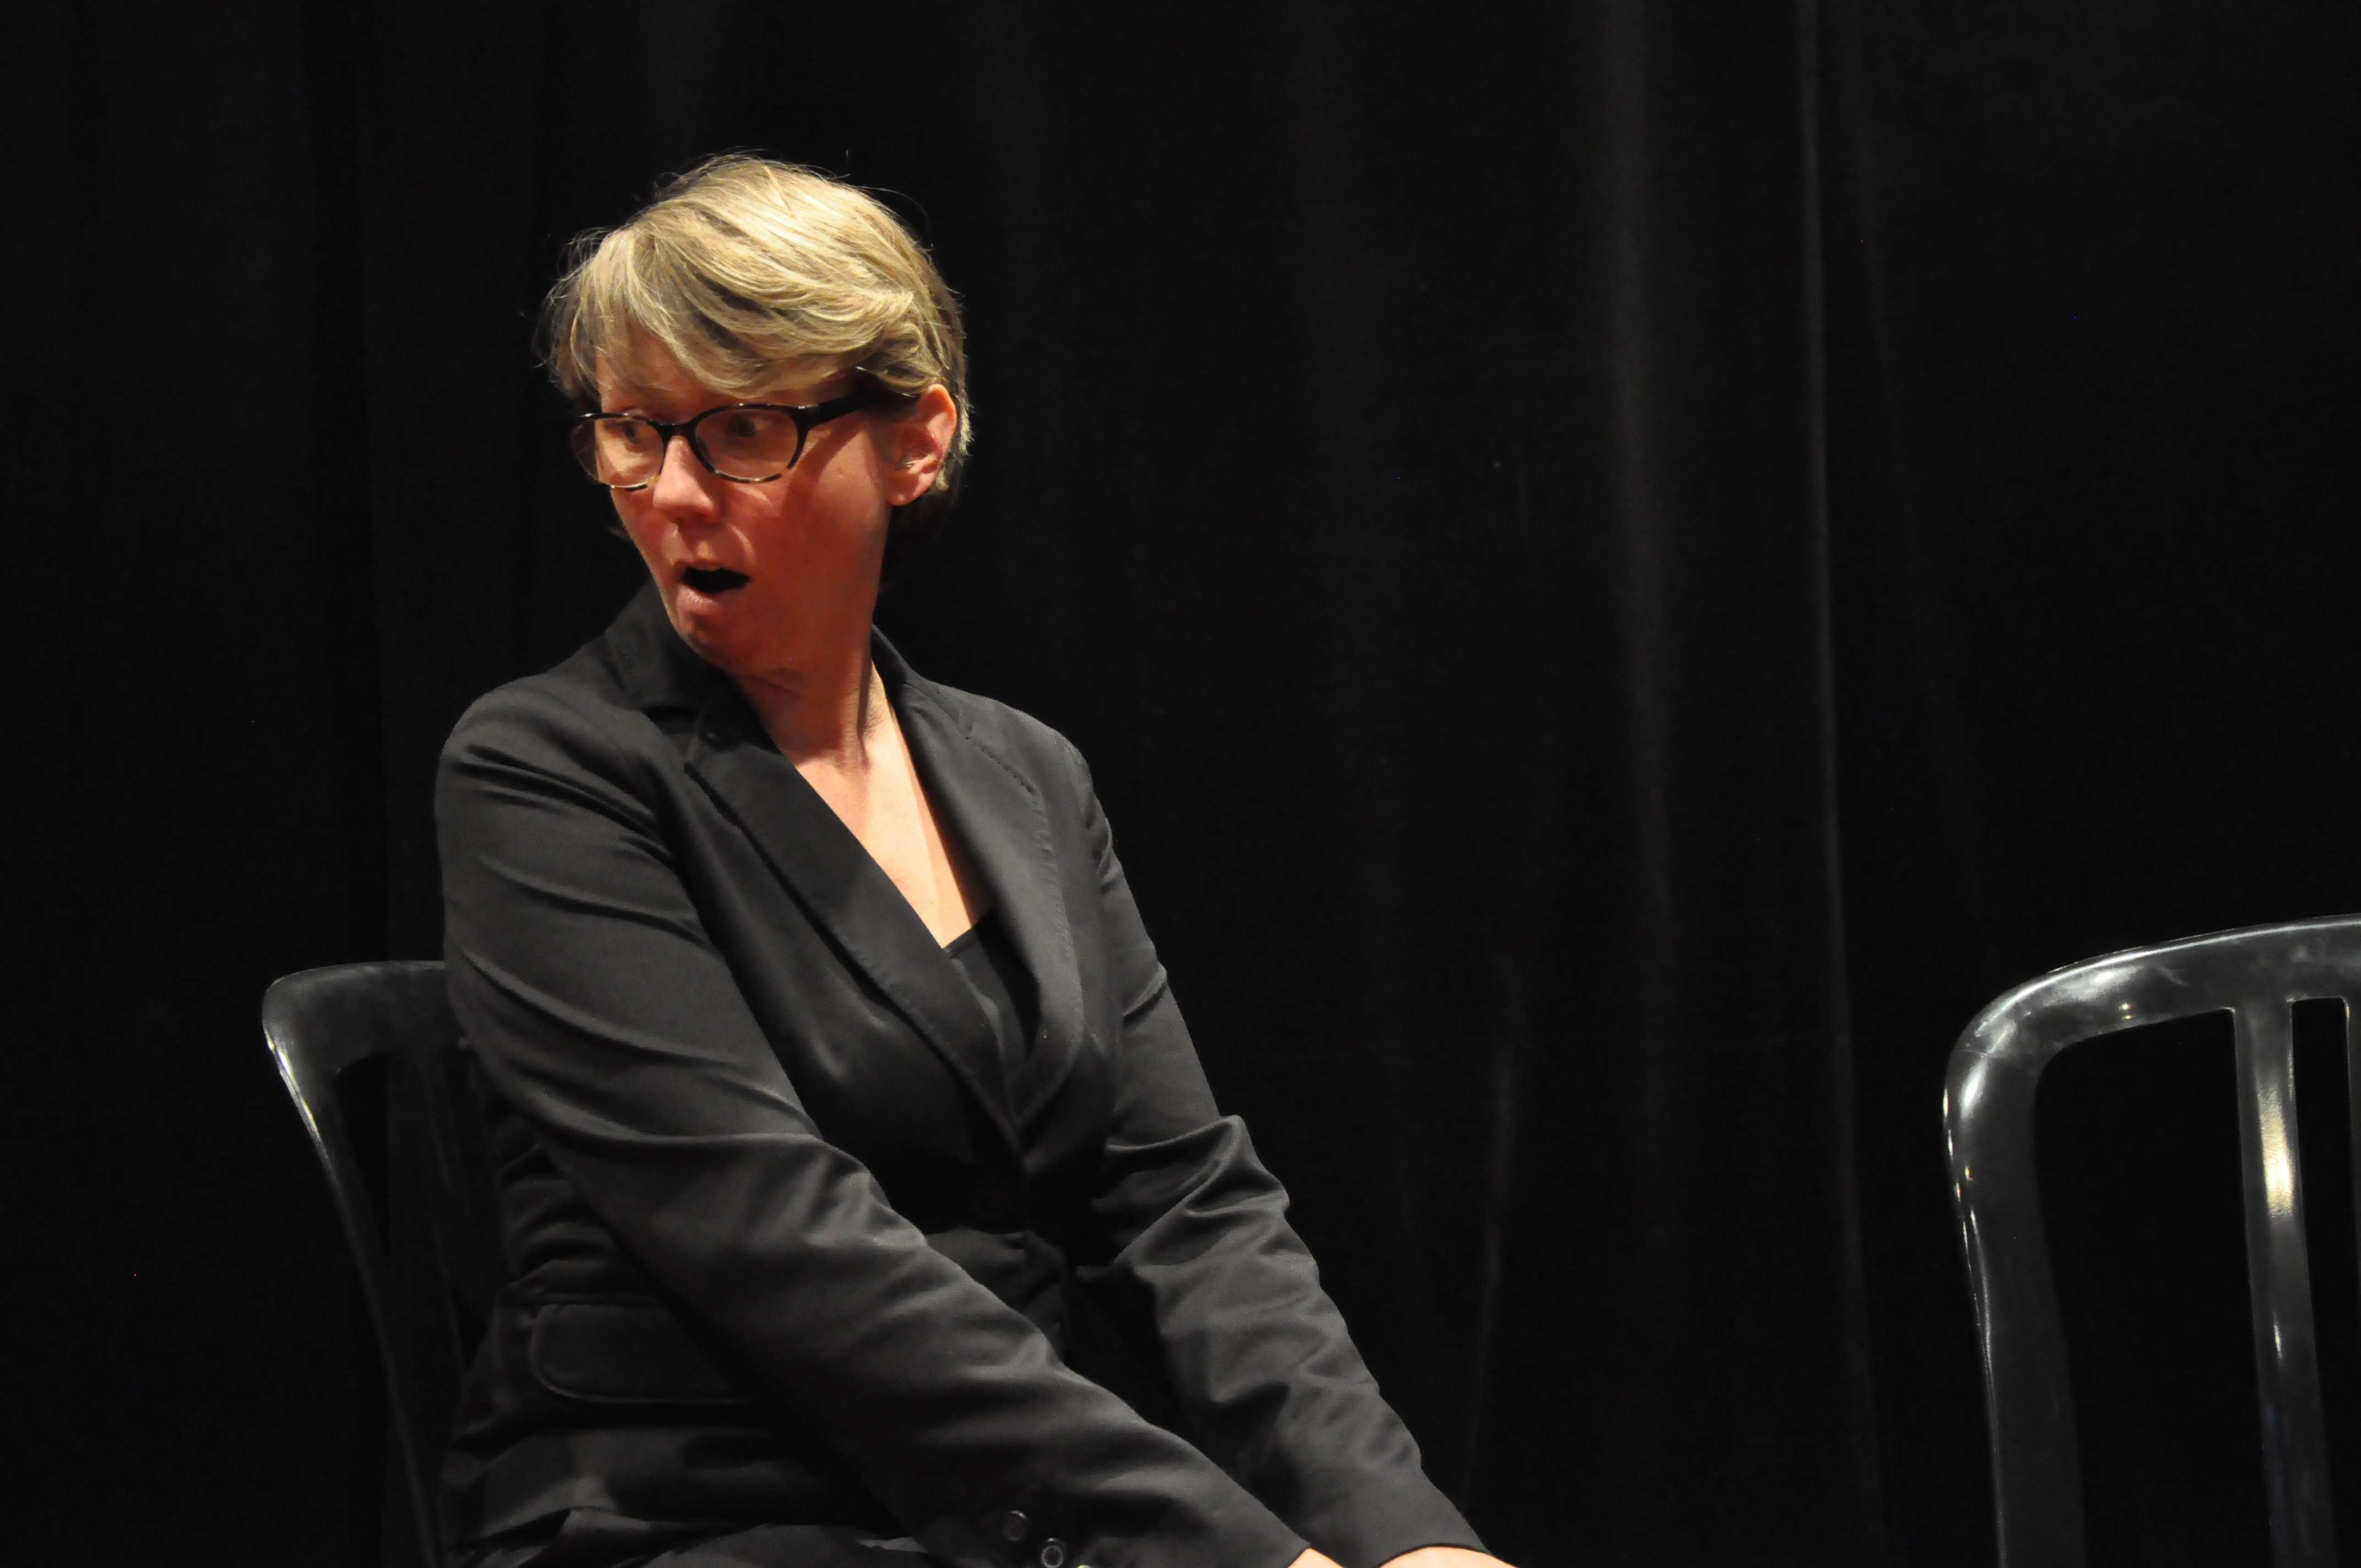 Une femme en tailleur noir, assise, se tournant de côté en faisant la grimace.